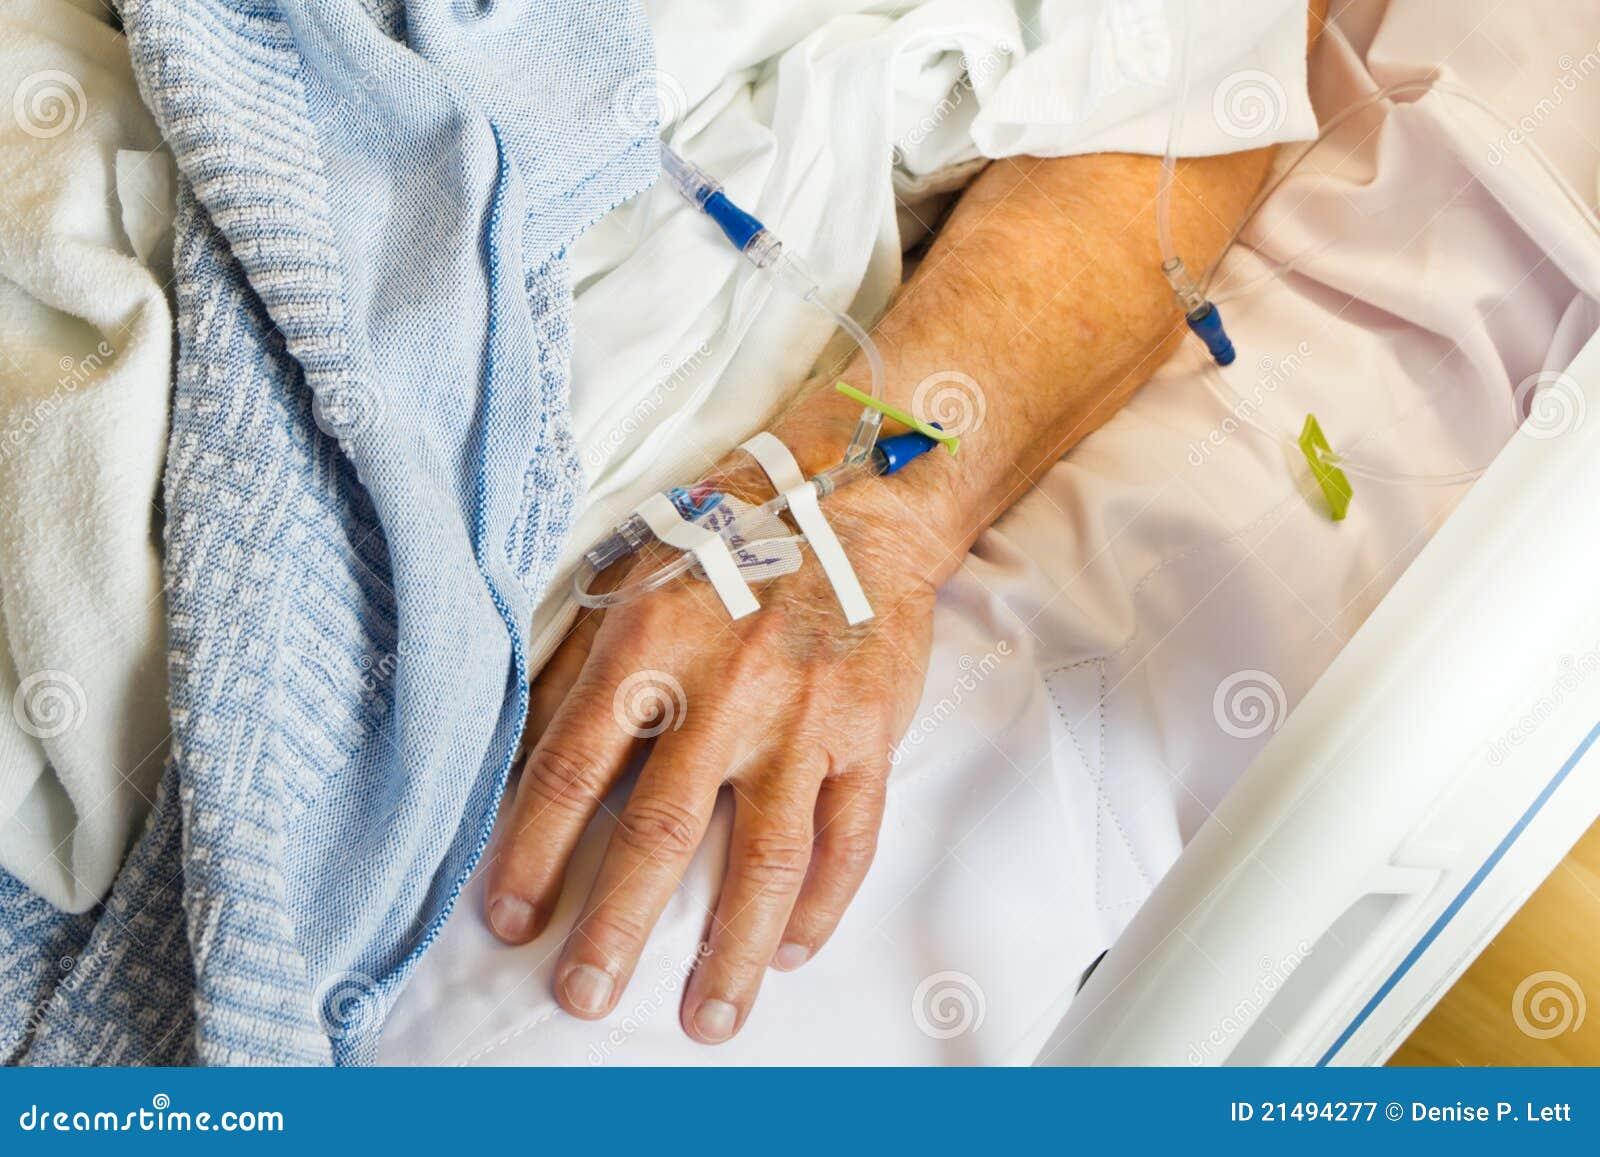 IV dans la main de patient hospitalisé